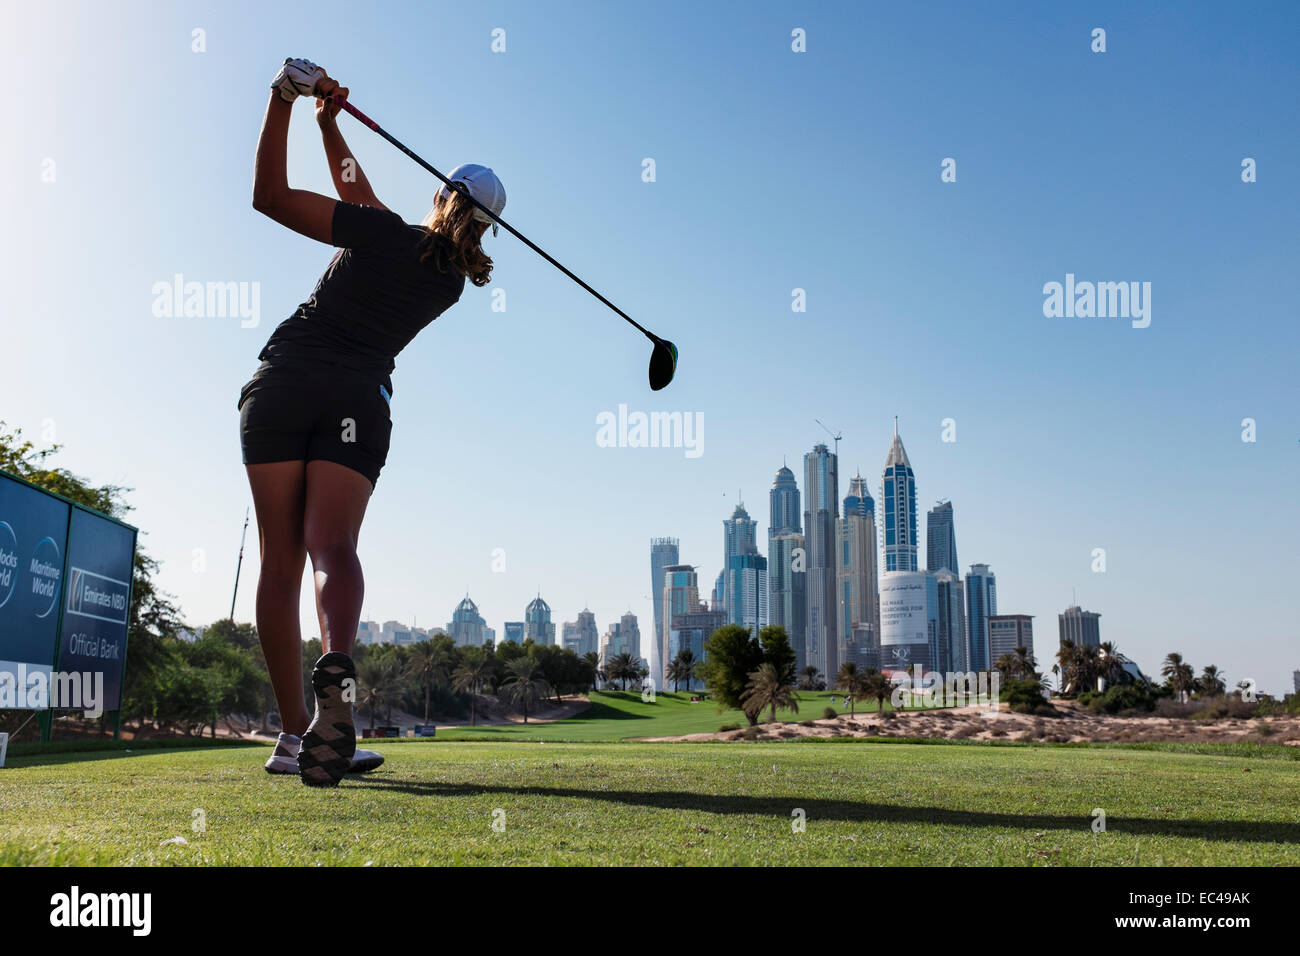 Dubaï, Émirats arabes unis. 9 Décembre, 2014. Cheyenne Woods (nièce de Tiger Woods) des USA Photo Stock